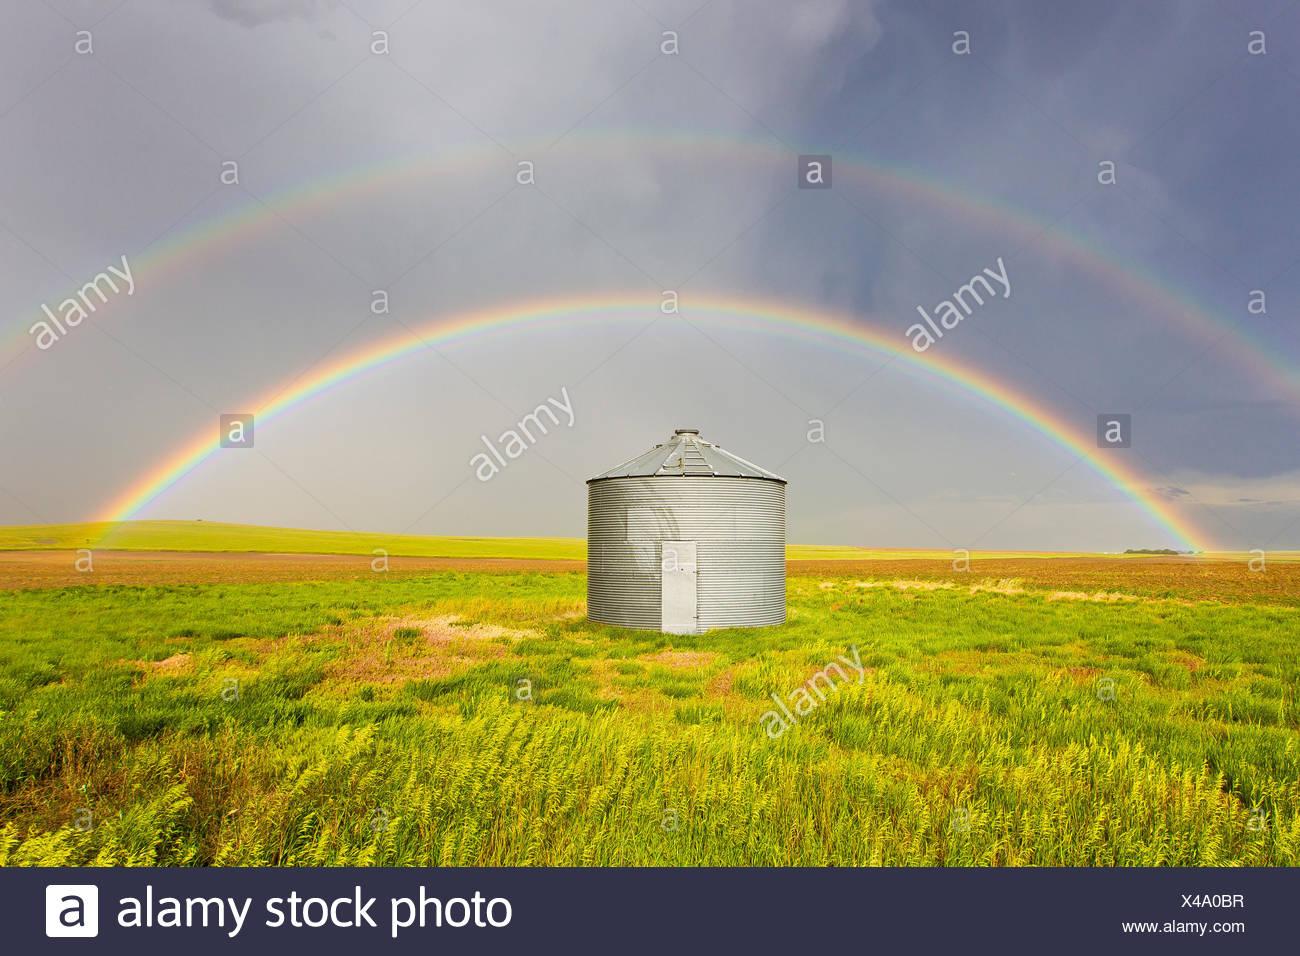 Un double arc-en-ciel est parfaitement centrée sur un silo à grains et champ de blé vert après un orage passe au Colorado. Photo Stock